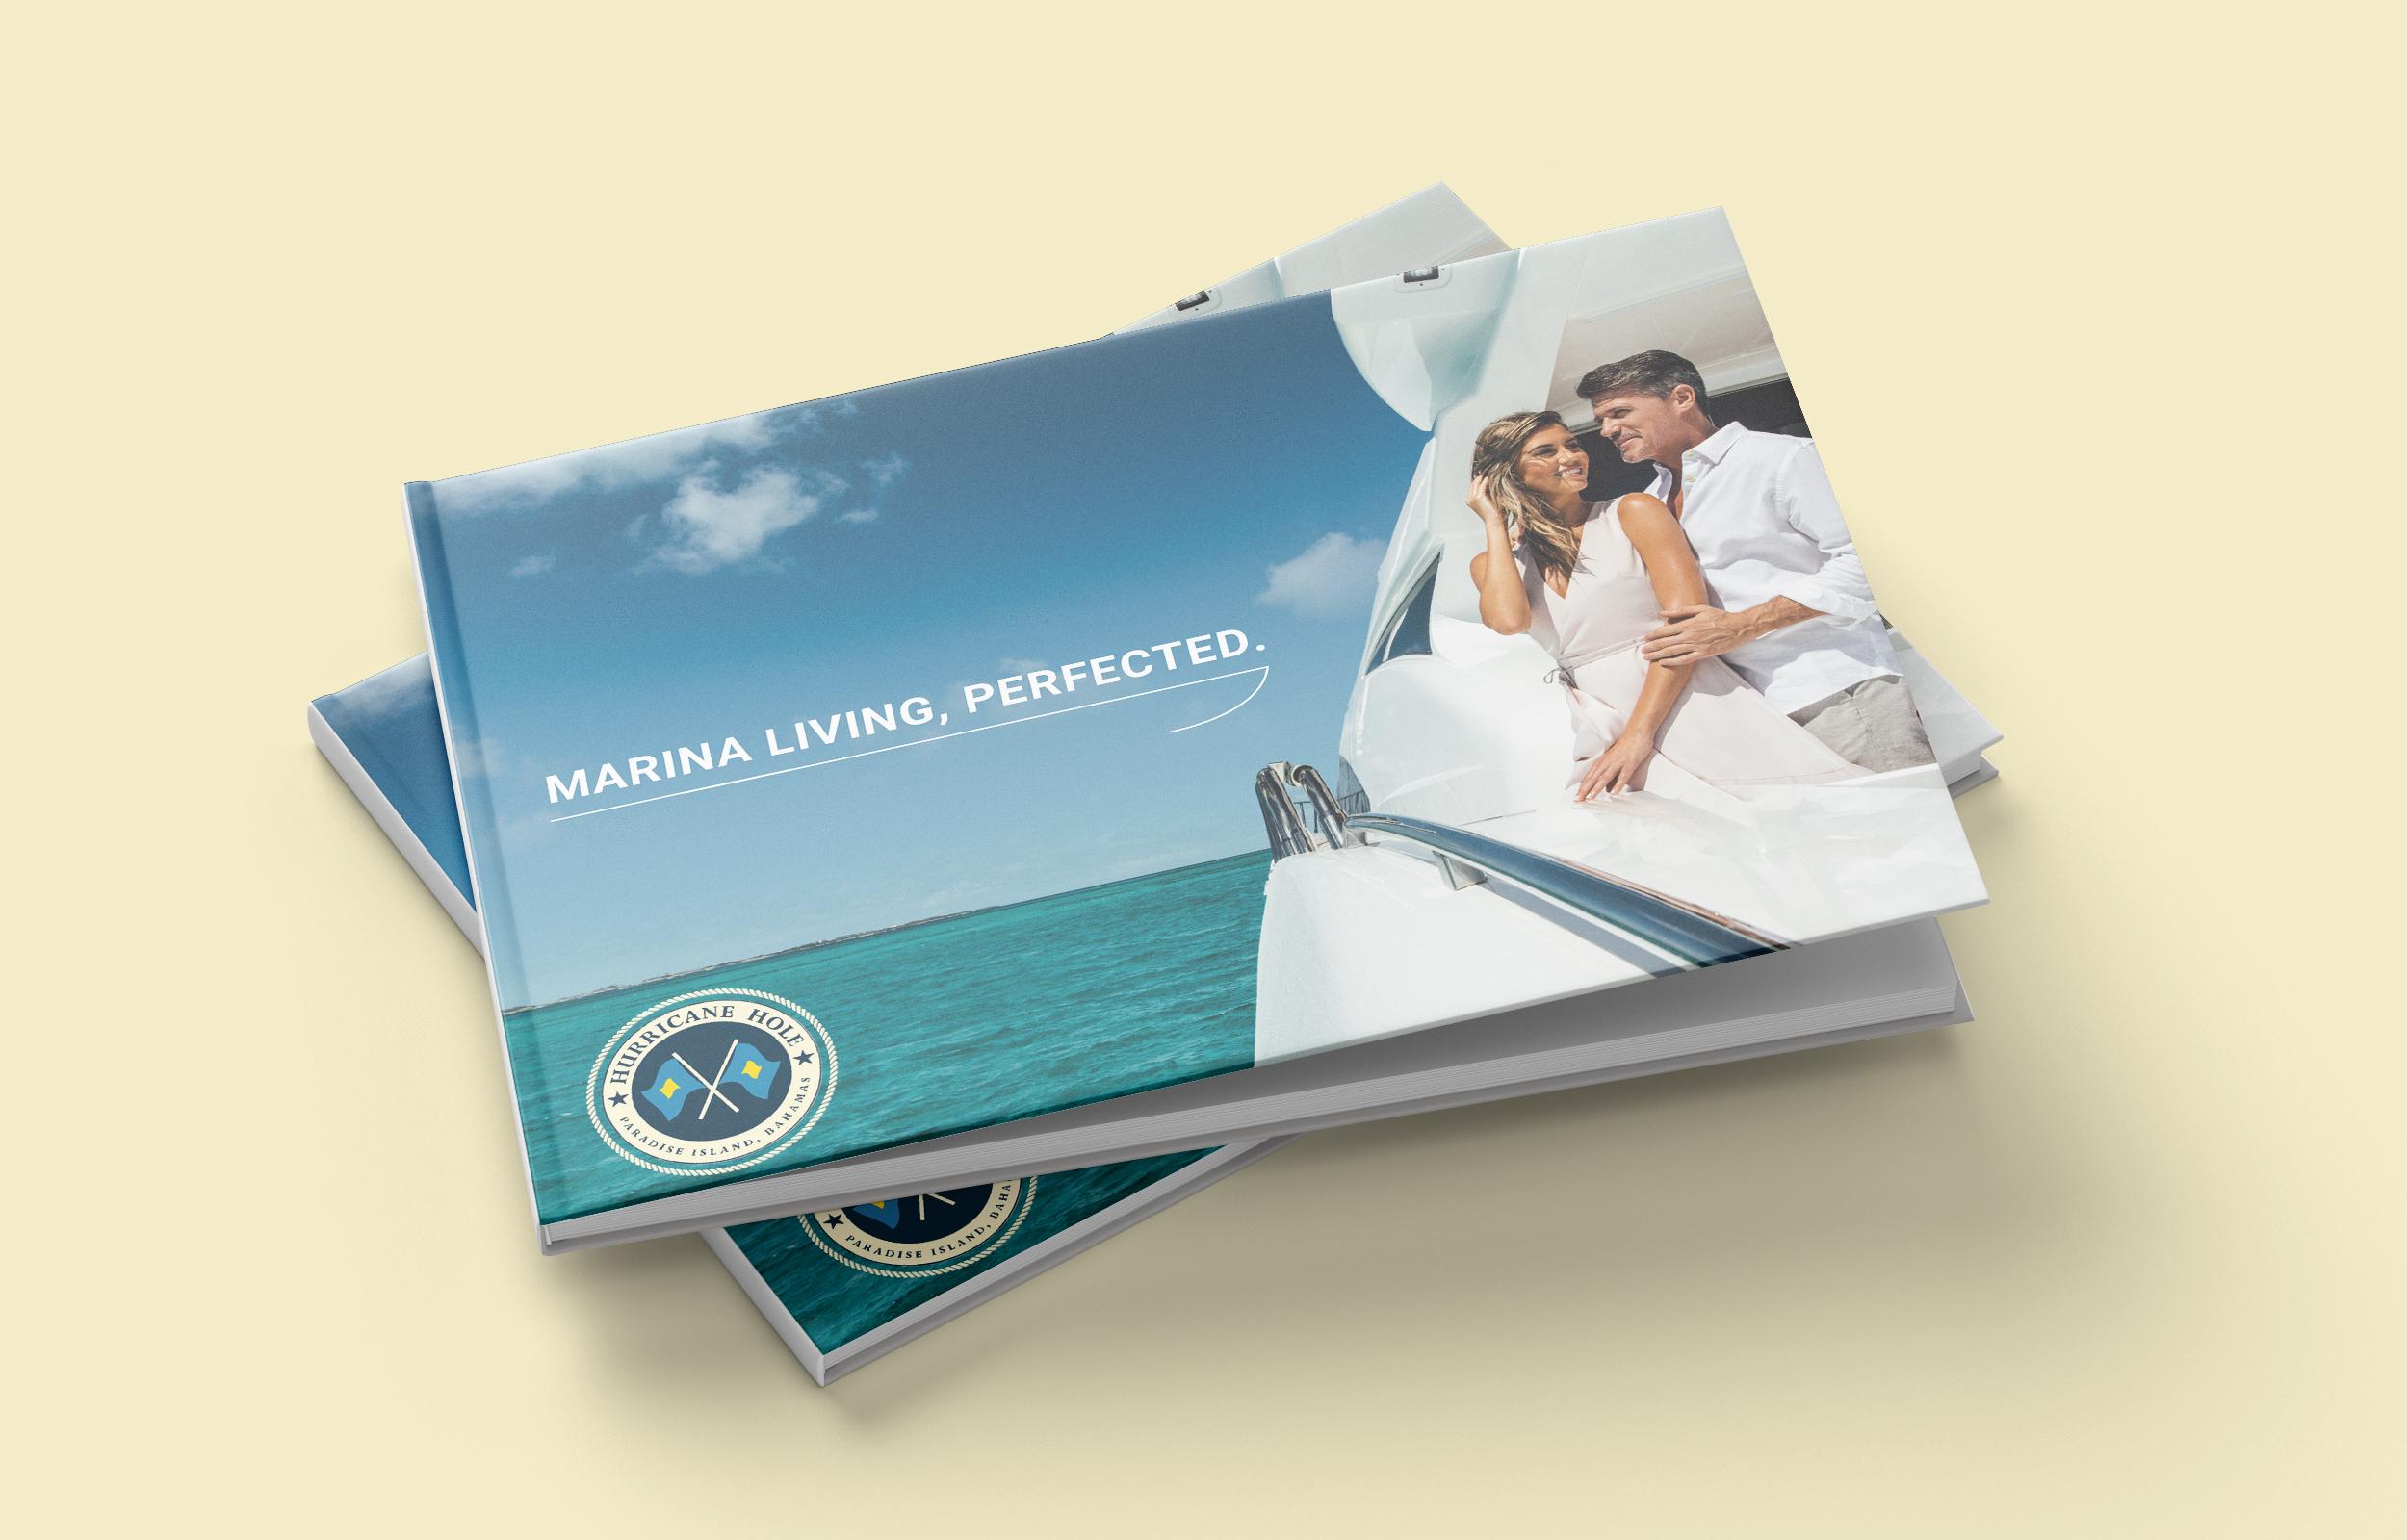 Hurricane_Hole_Mockup_Sales_Book.jpg